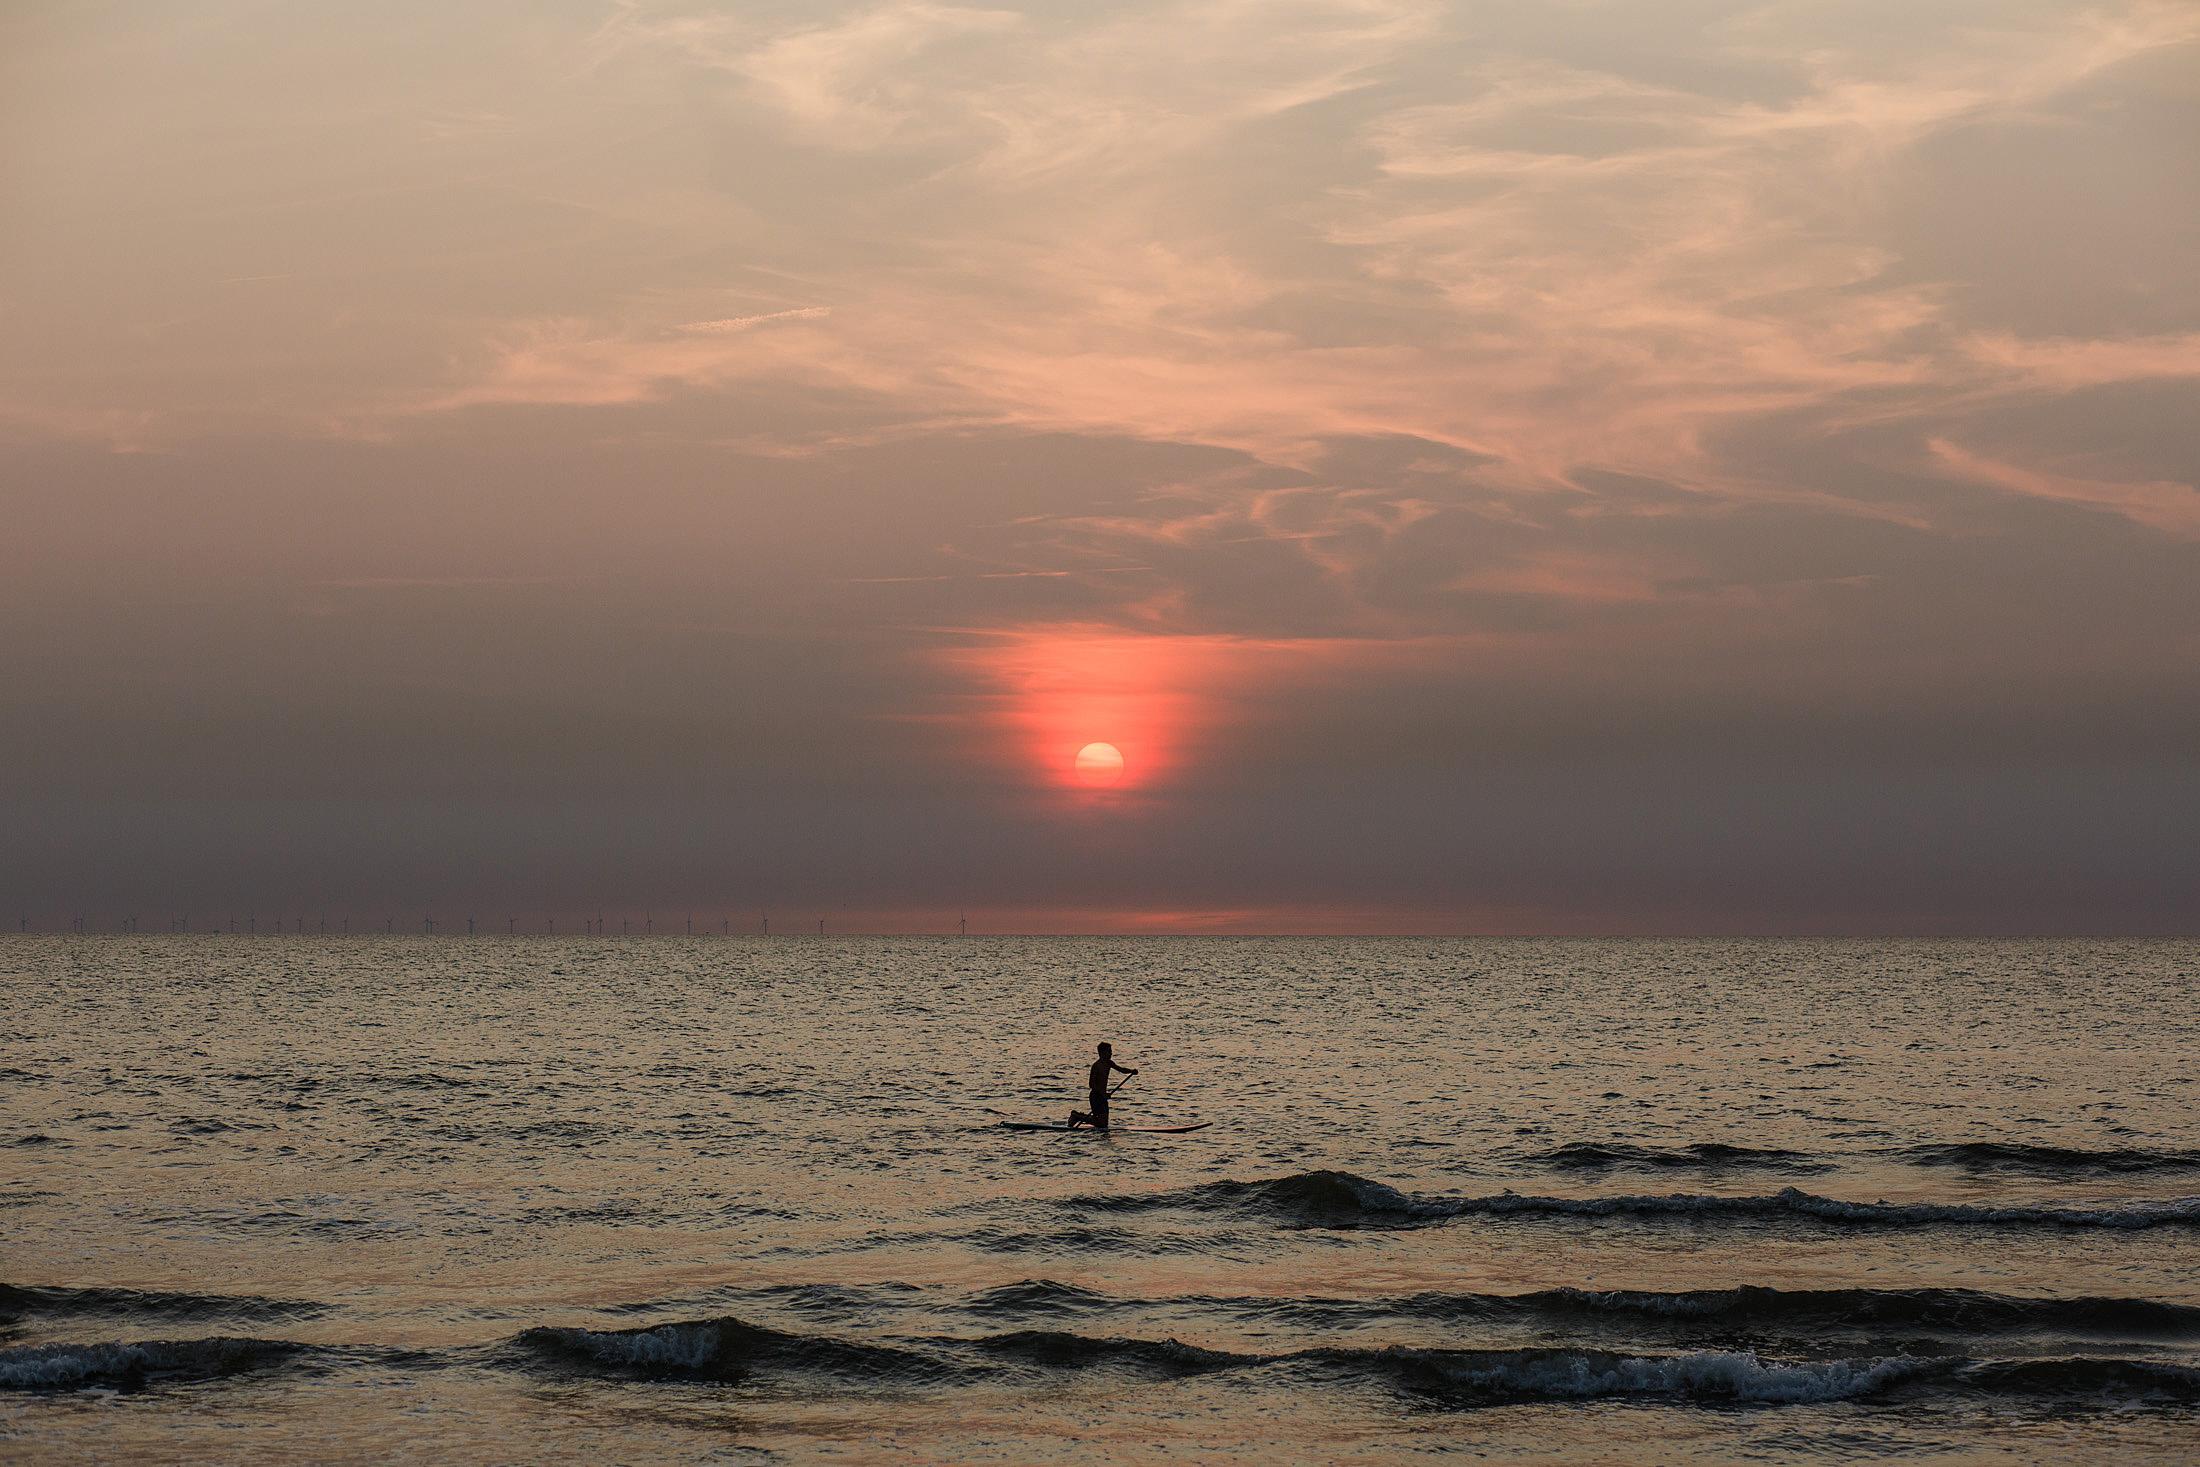 70-zandvoort-aan-zee-paddle-board